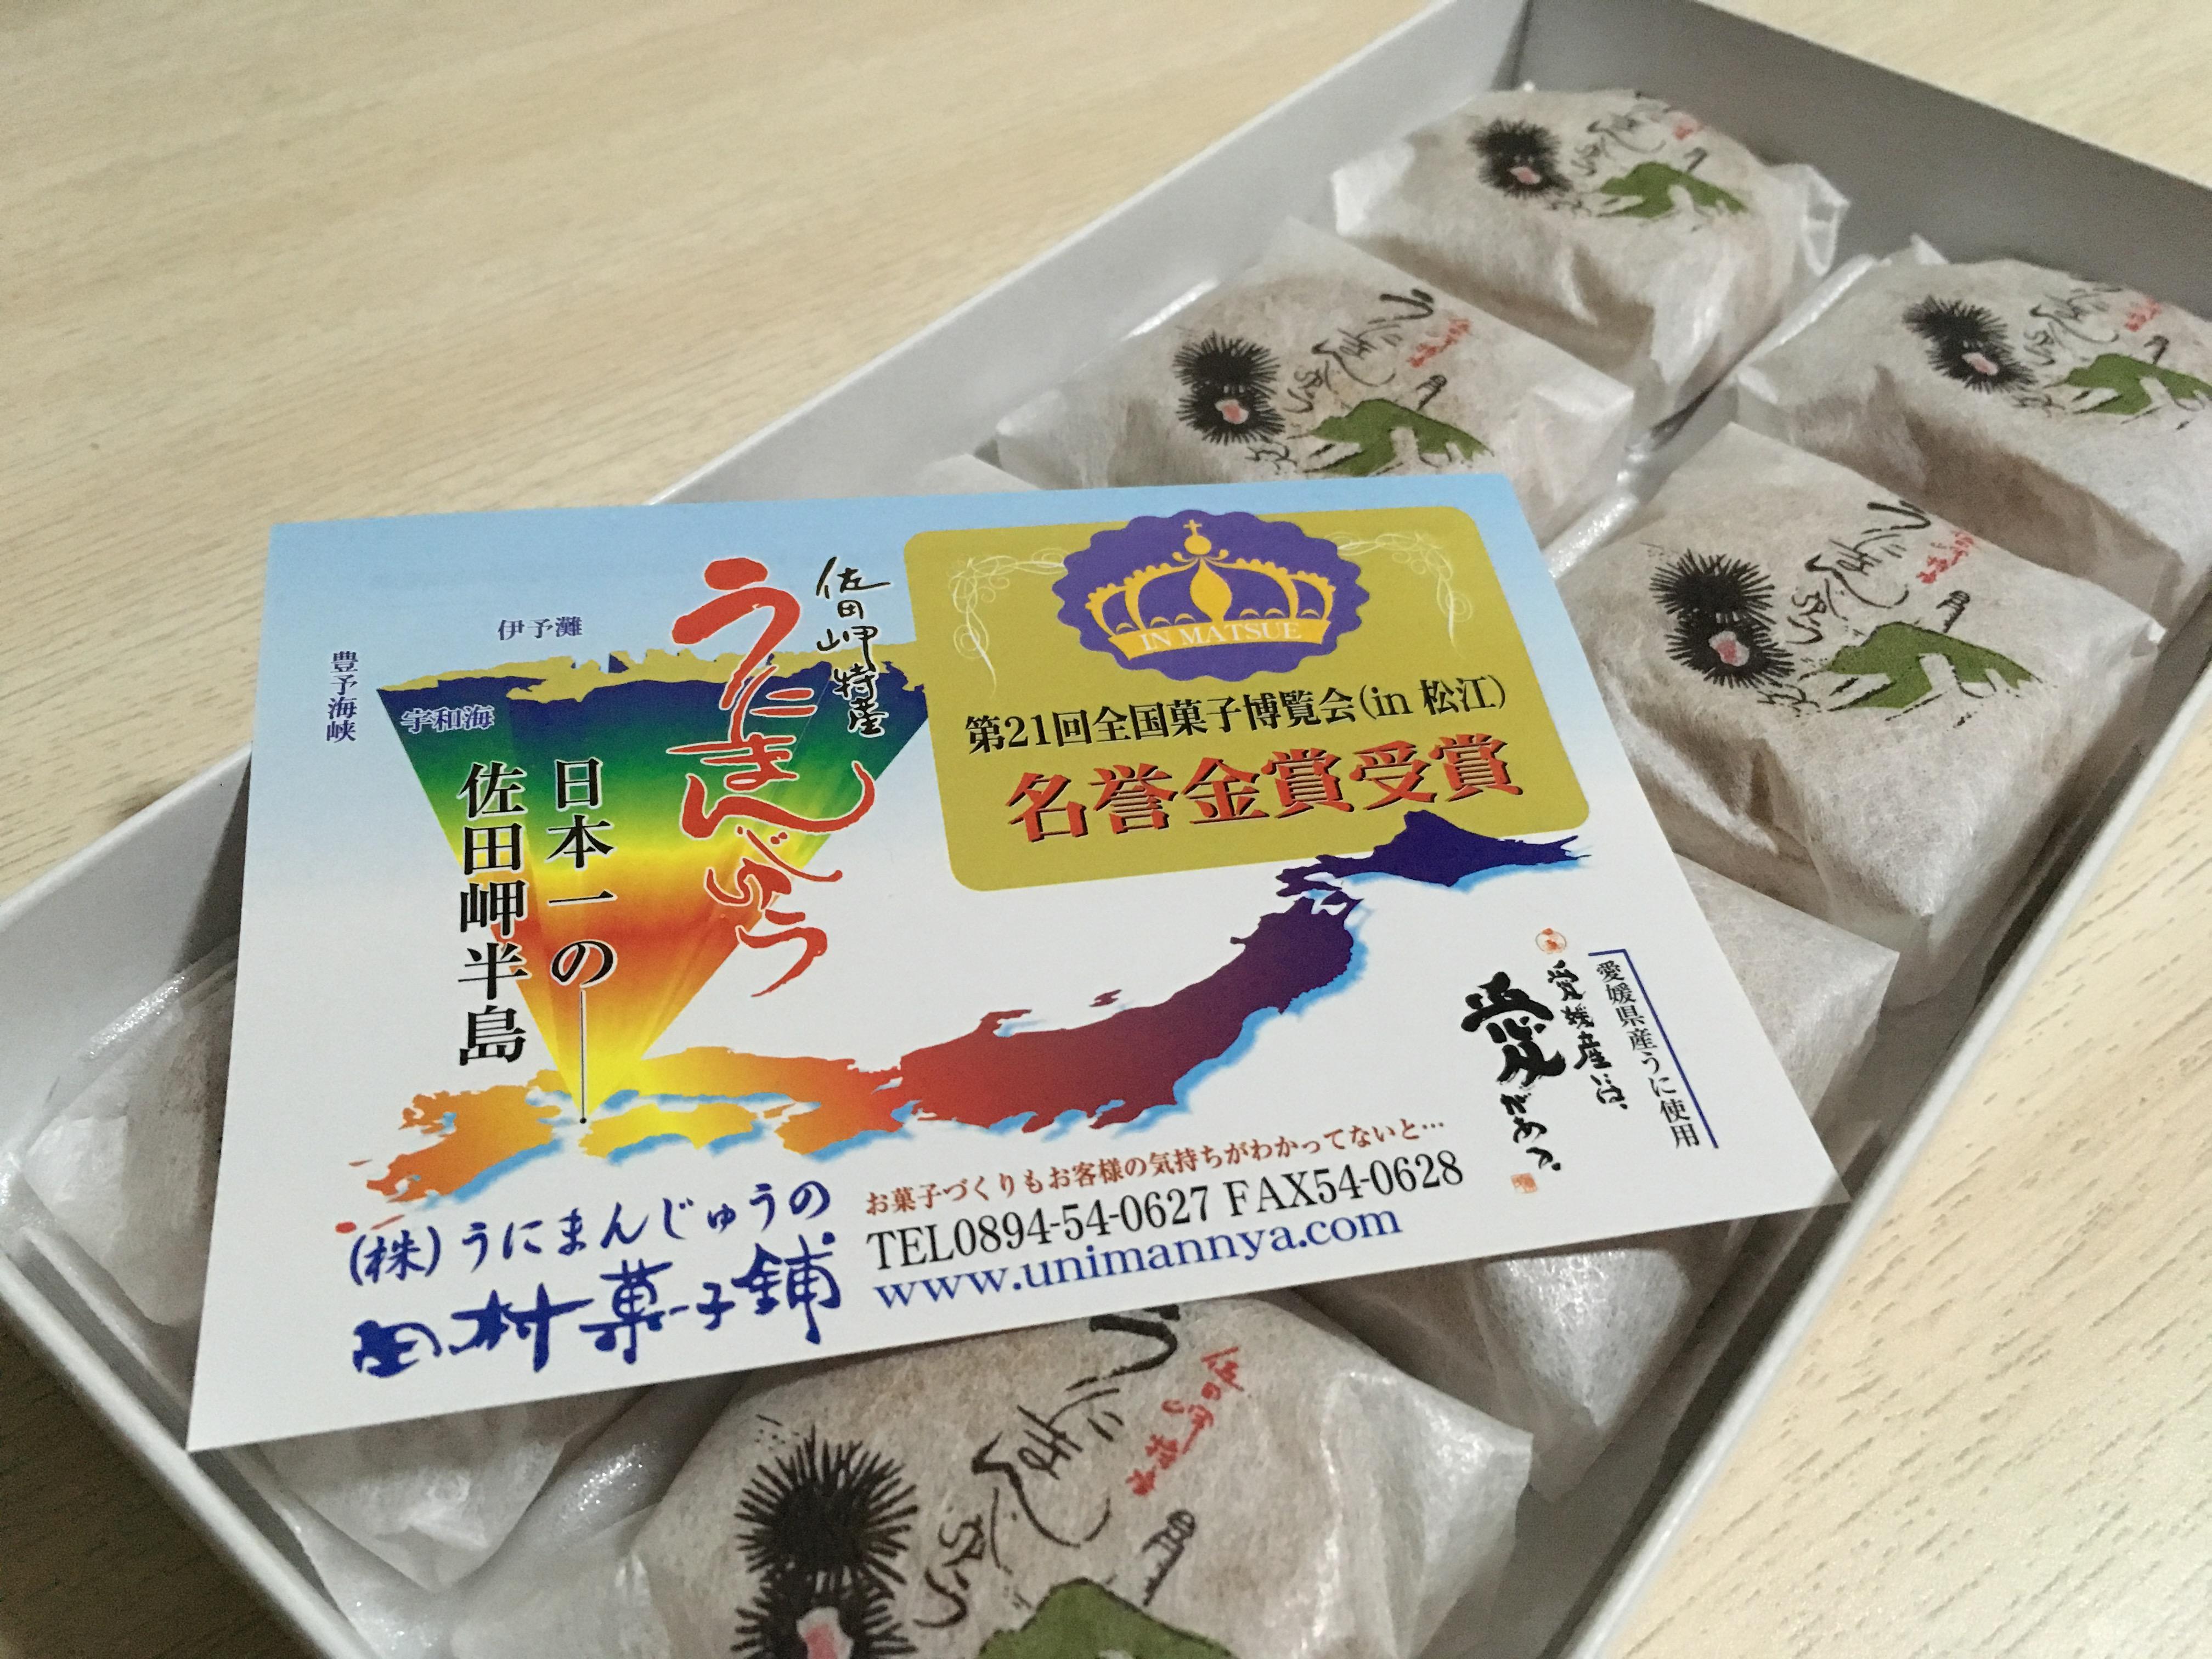 絶妙な甘味バランスが美味!田村菓子舗の「うにまんじゅう」が伊方町のお土産におすすめ!